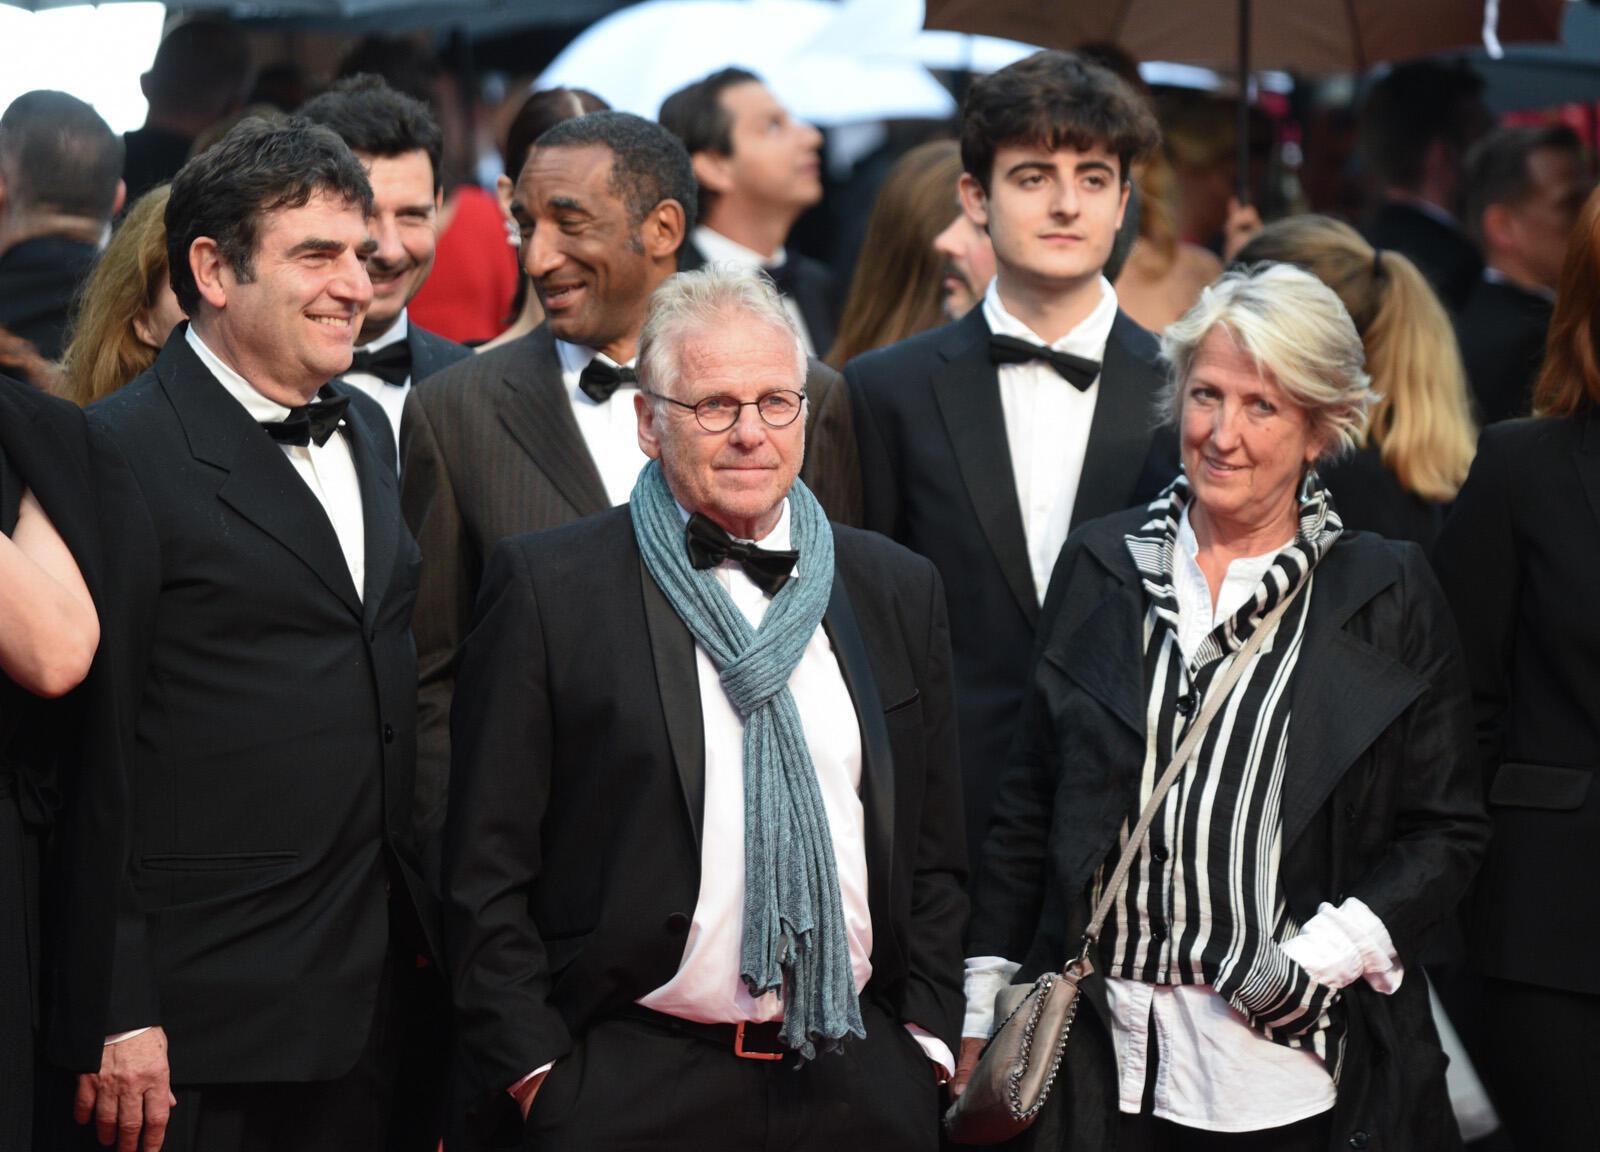 El político franco-alemán Daniel Cohn-Bendit se prepara para subir los escalones con su compañero en la película 'Mai 68', Romain Goupil, y su esposa Ingrid Apel.